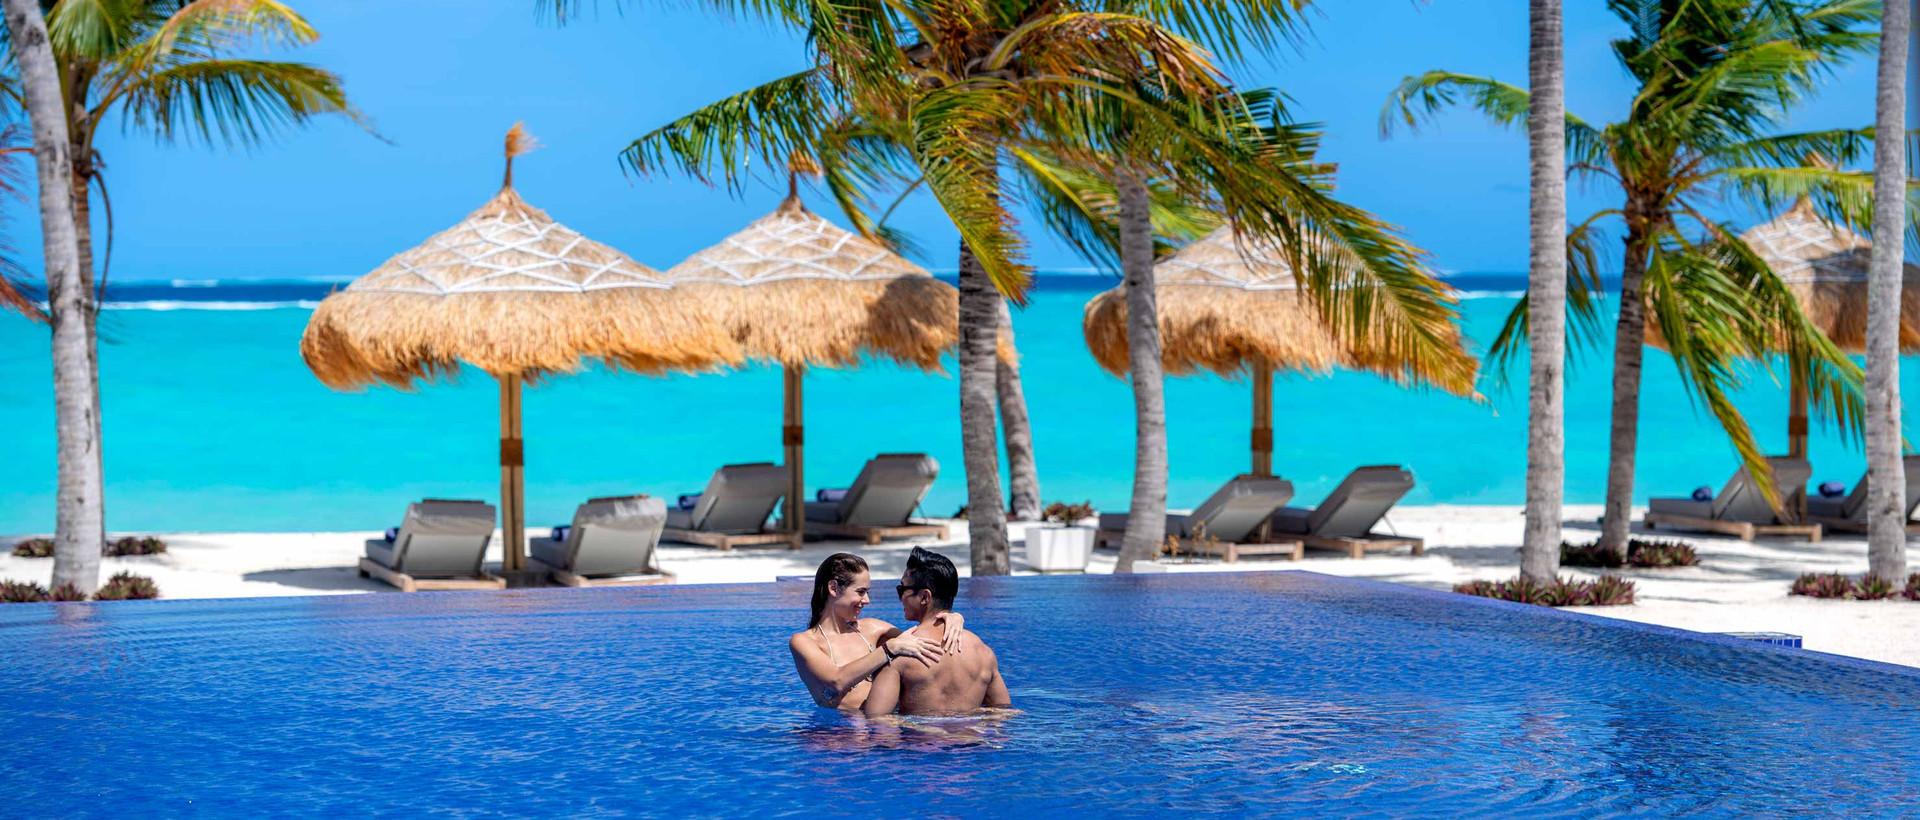 Emerald Maldives - Topo Design Studio (8